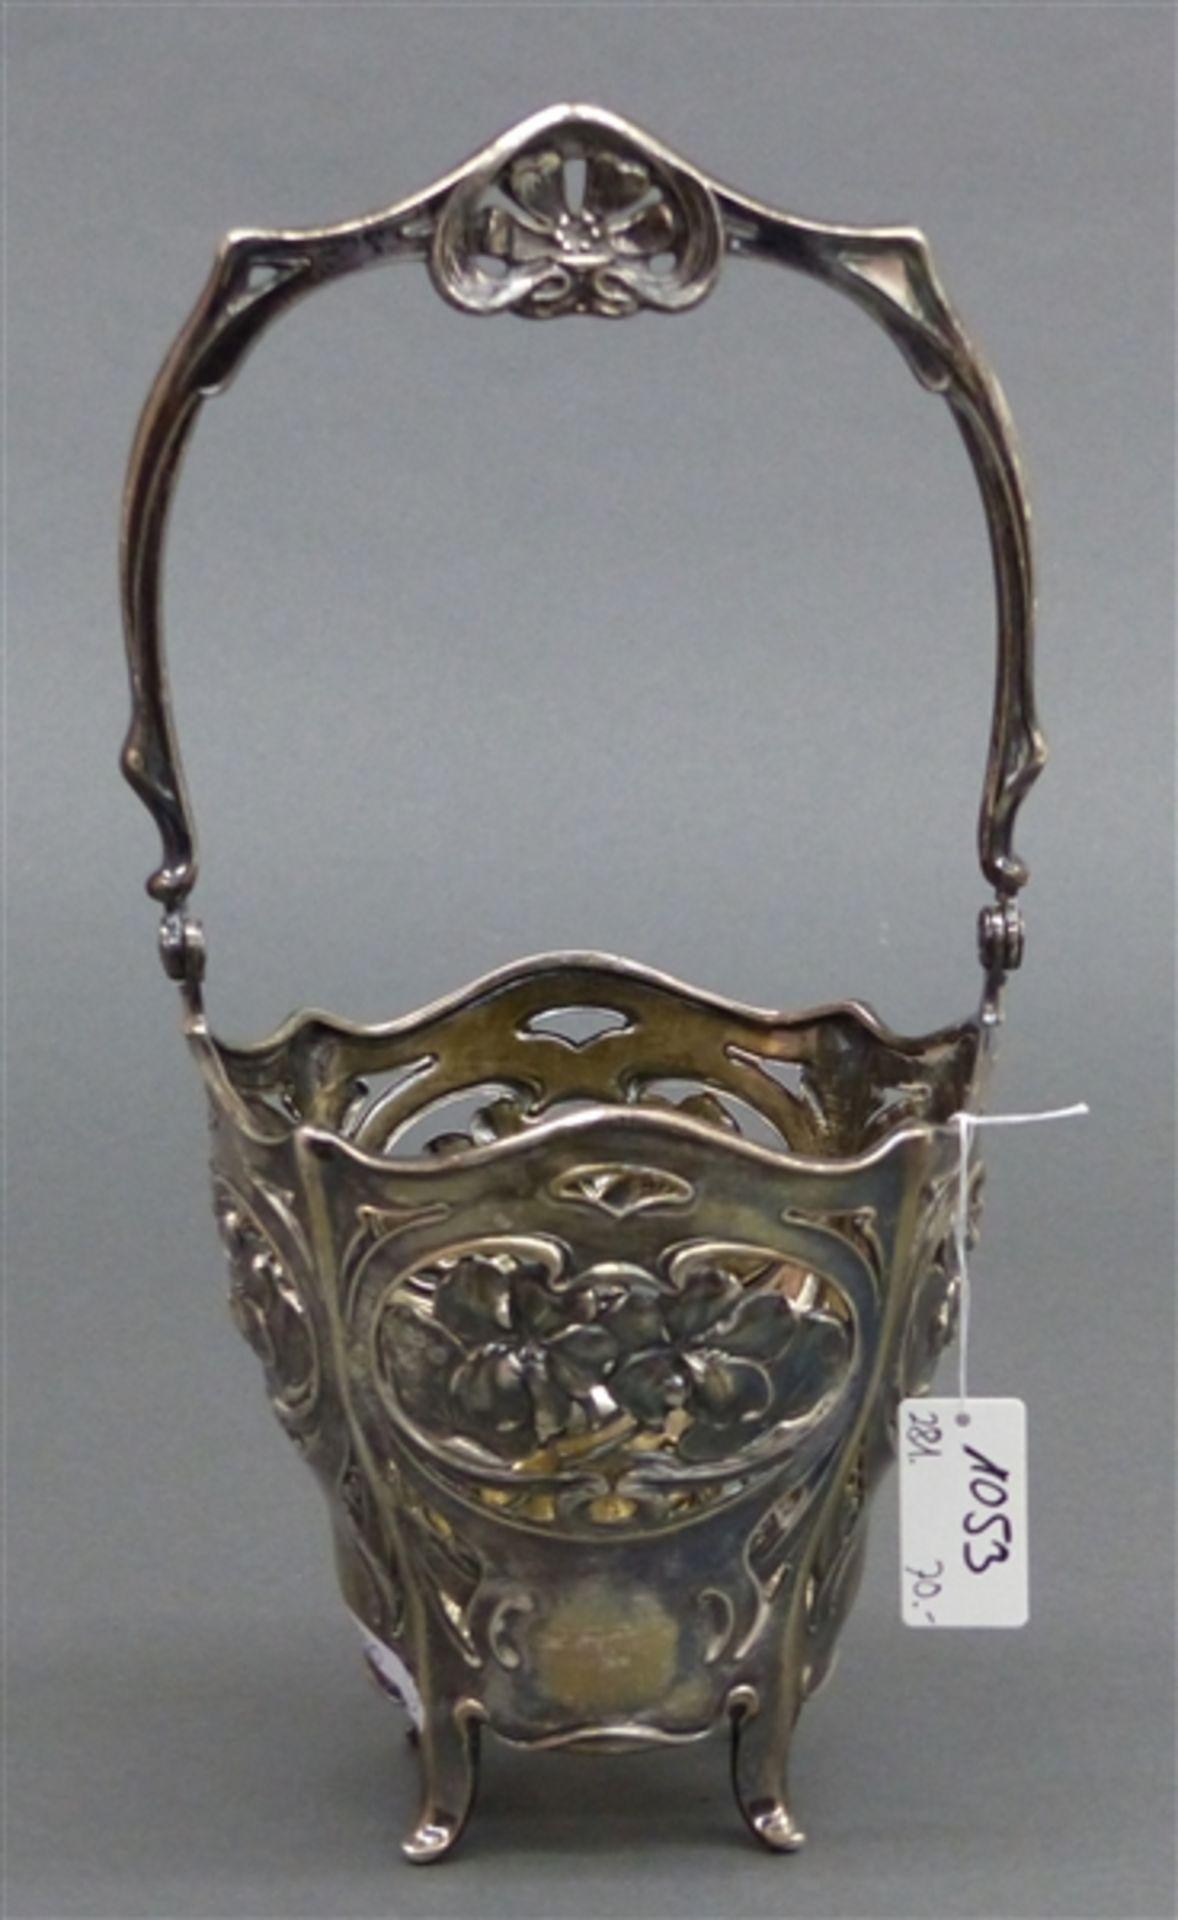 Henkelkörbchen floraler Dekor, durchbrochener Rand, Silber, Standfüßchen, punziert, h 24 cm, 191 g